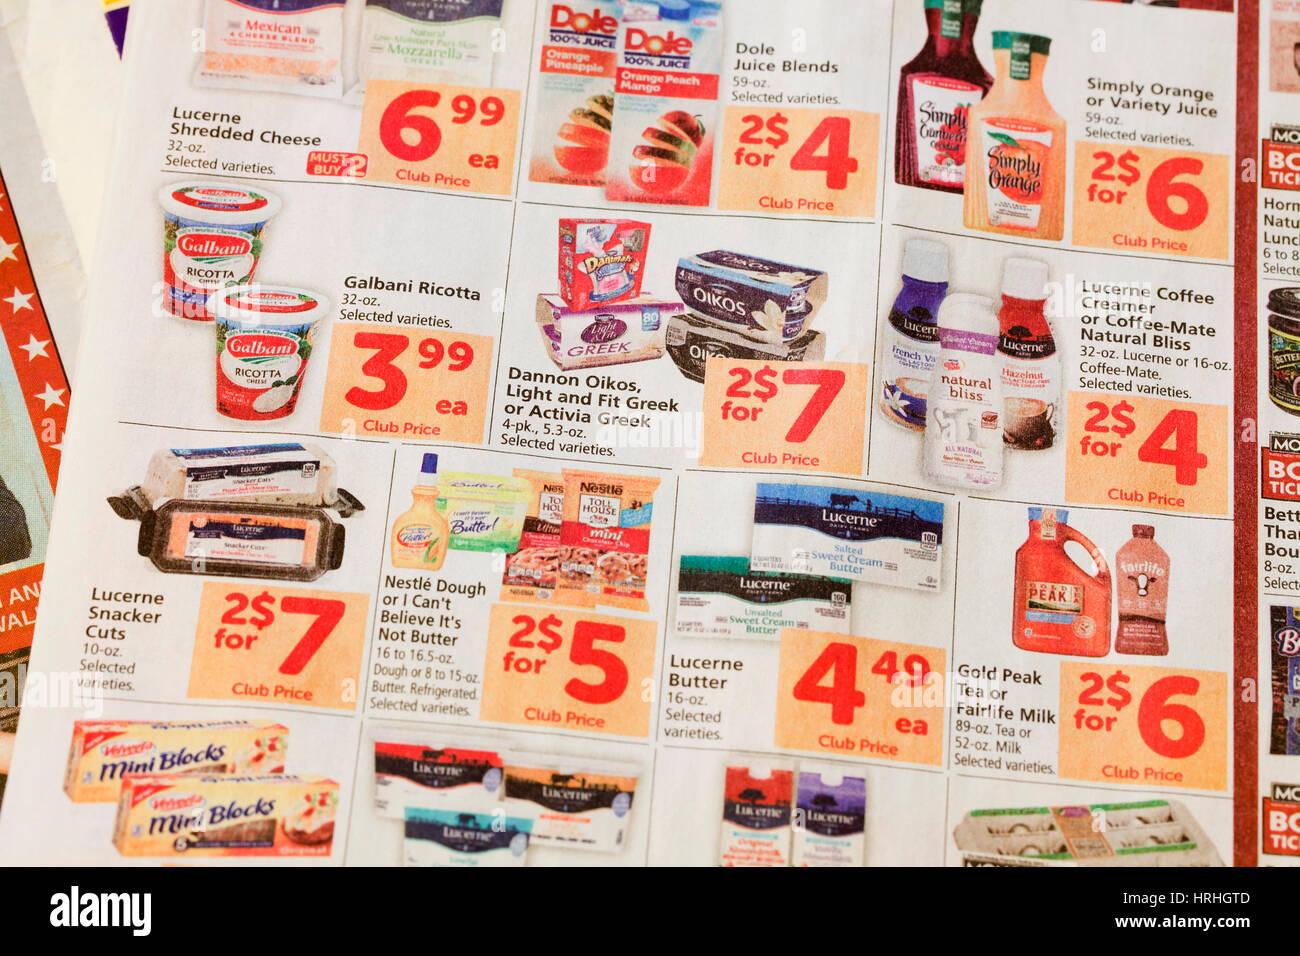 Lebensmittelgeschäft-Mailer / Gutscheine in Zeitung - USA Stockbild